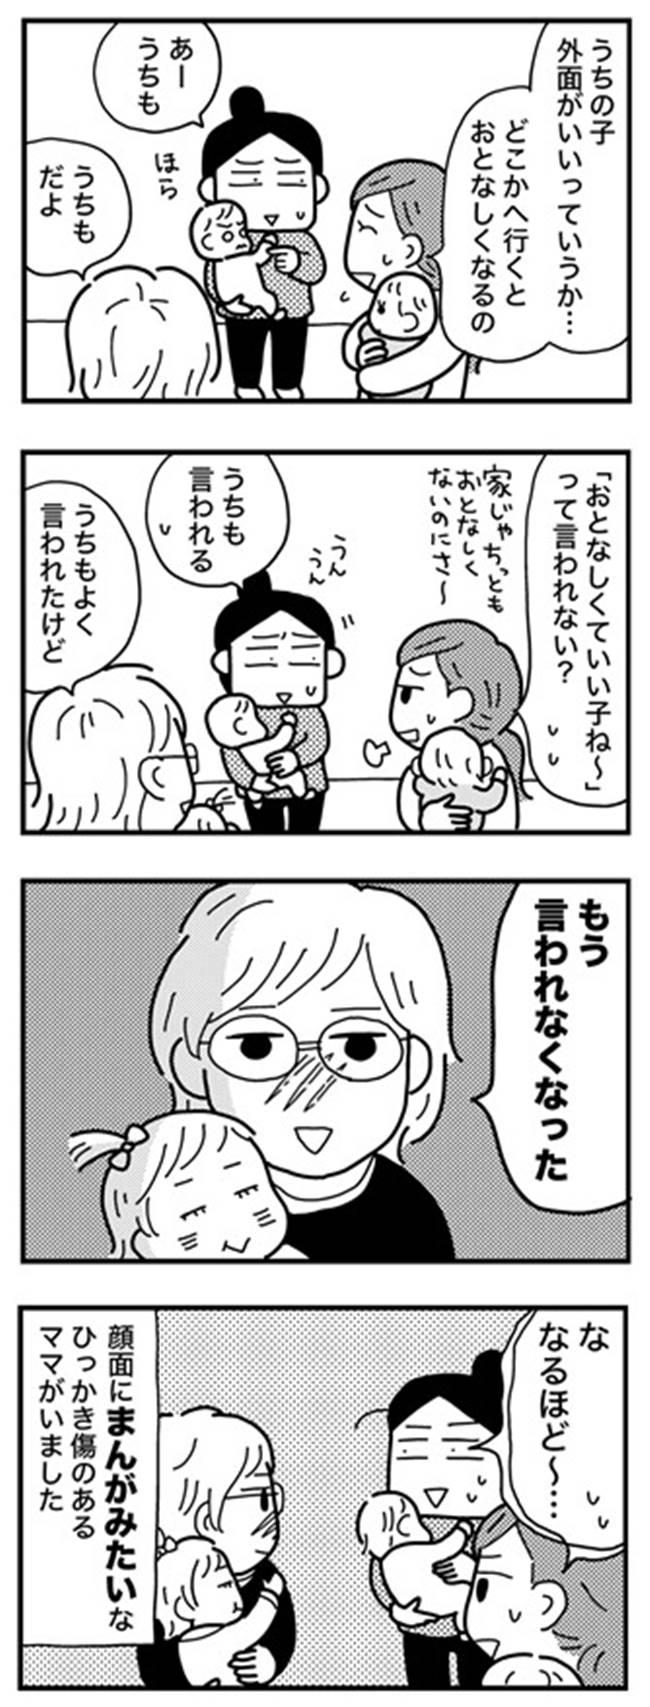 和田さん121話